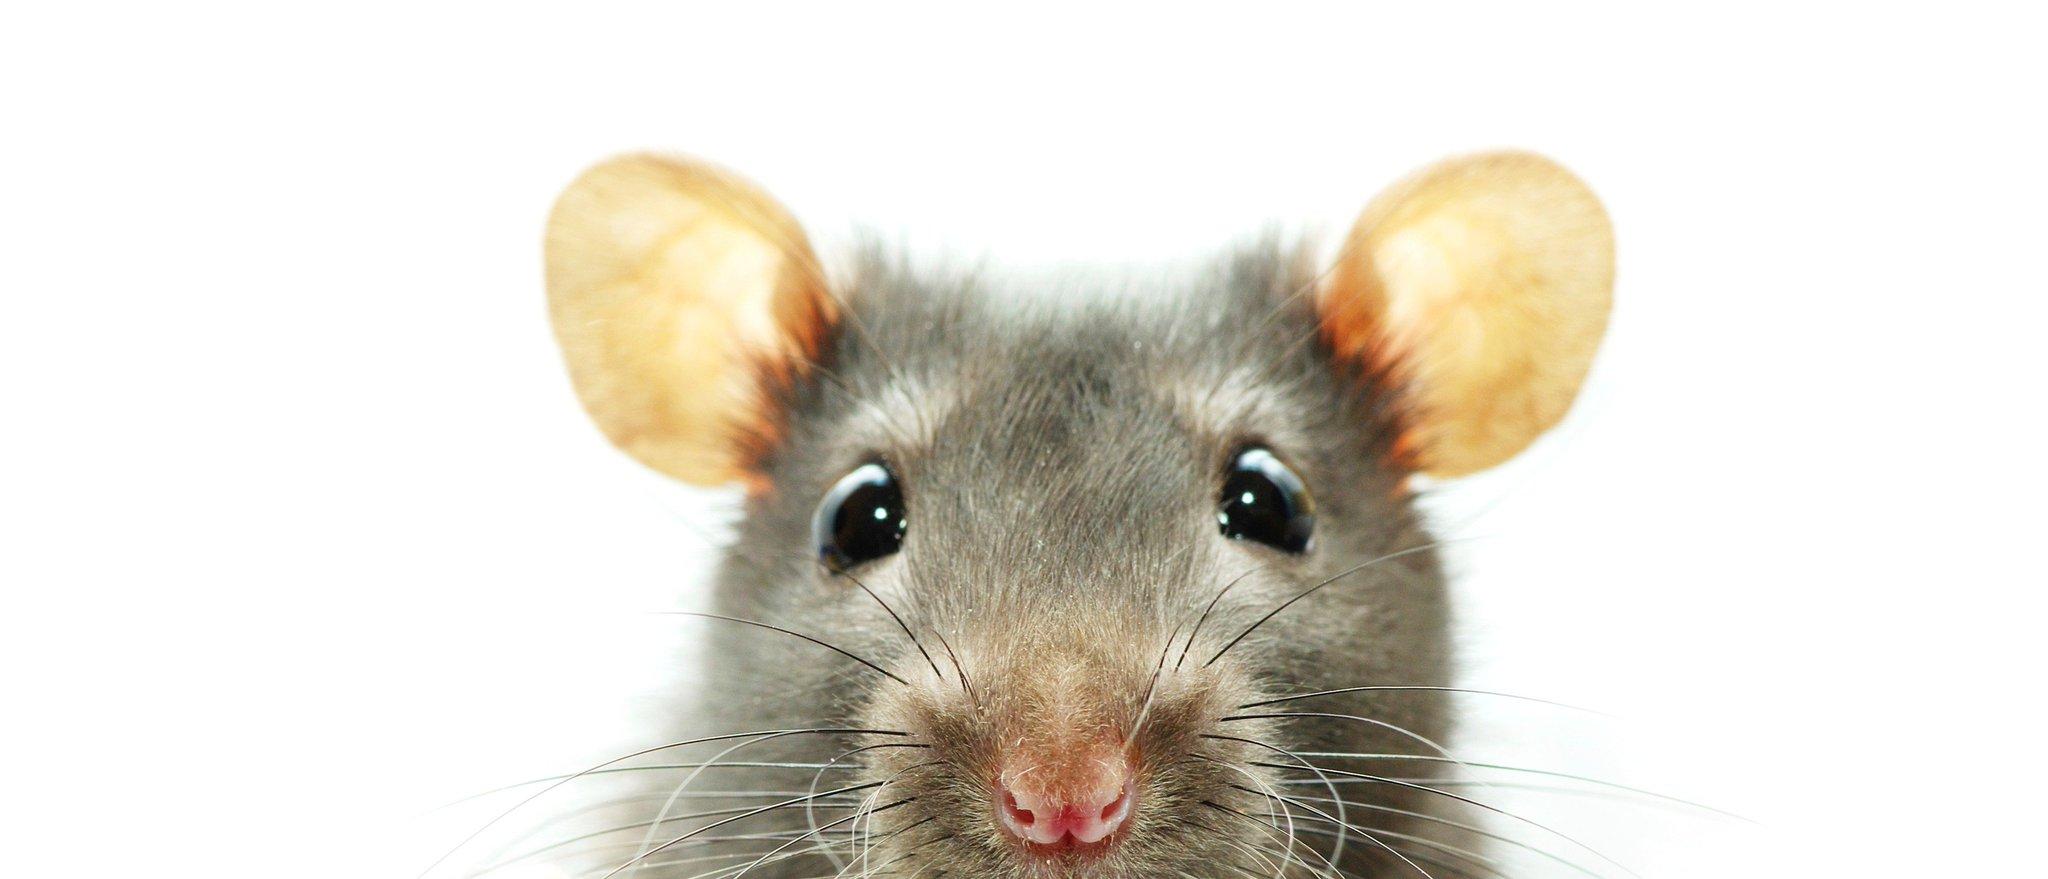 Смешные картинки крыса, днем рождения для